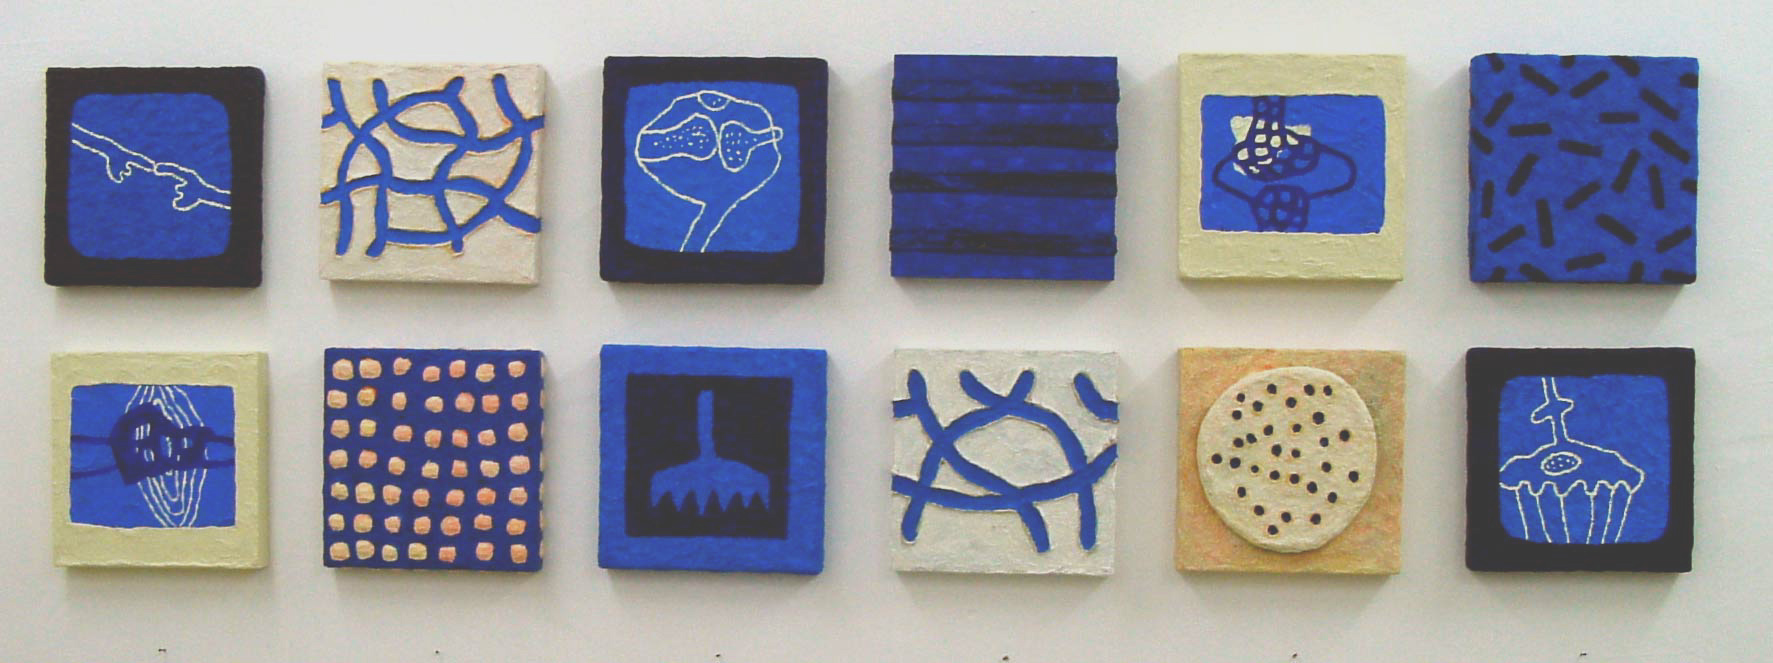 Galerie Delfi Form, paneeltjes 25x25x4 cm, gemengde techniek van Volker Altrichter